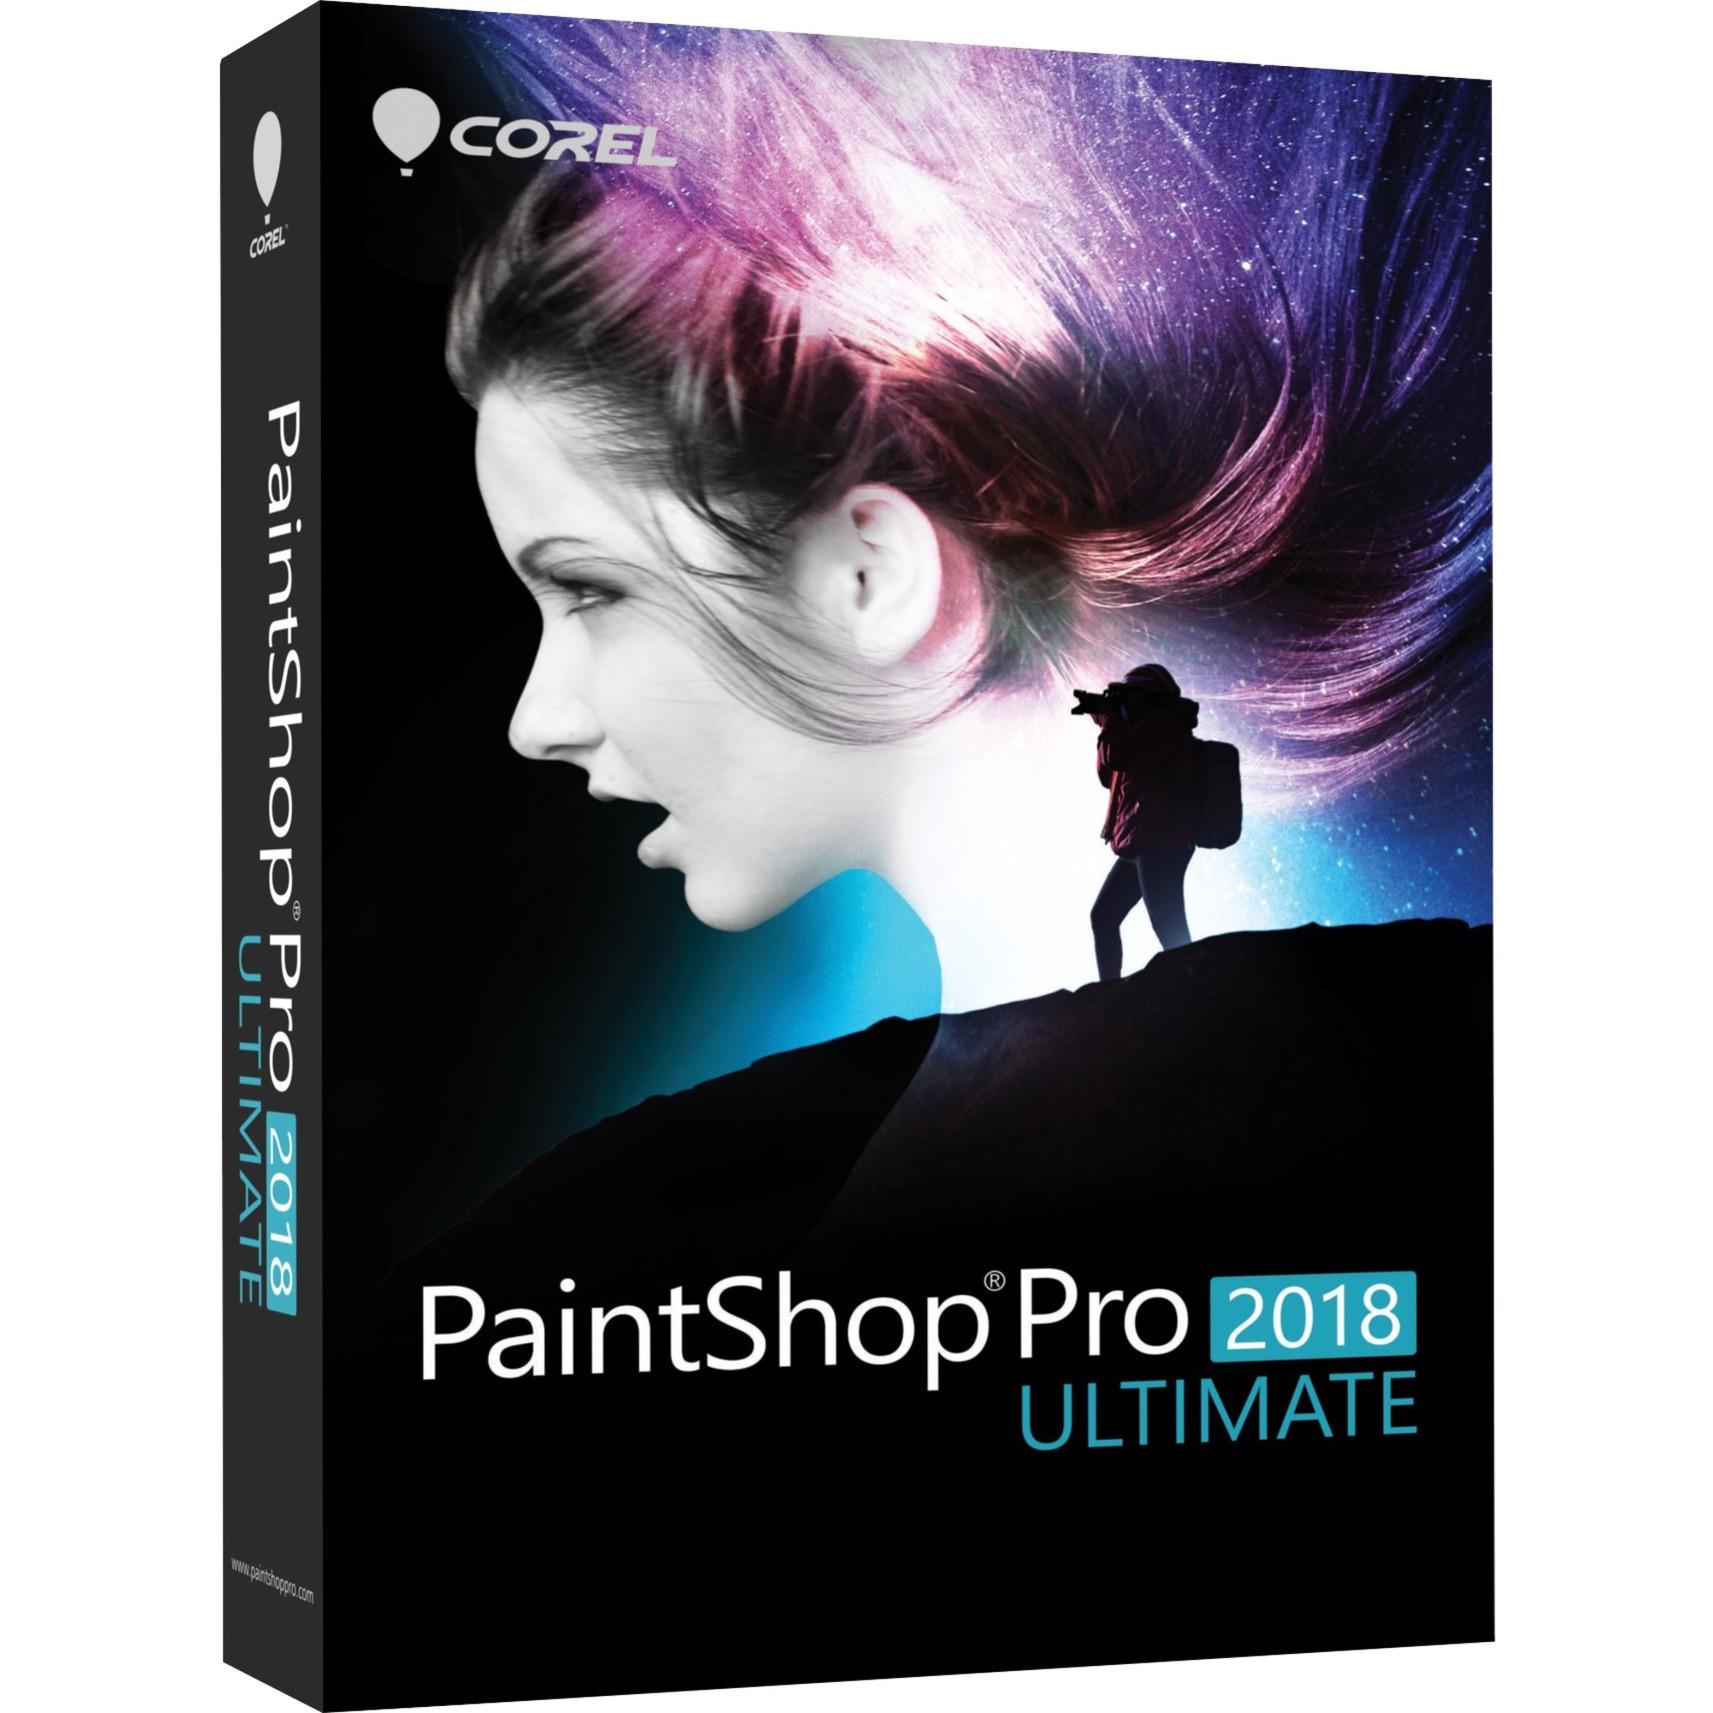 PaintShop Pro 2018 Ultimate, Software